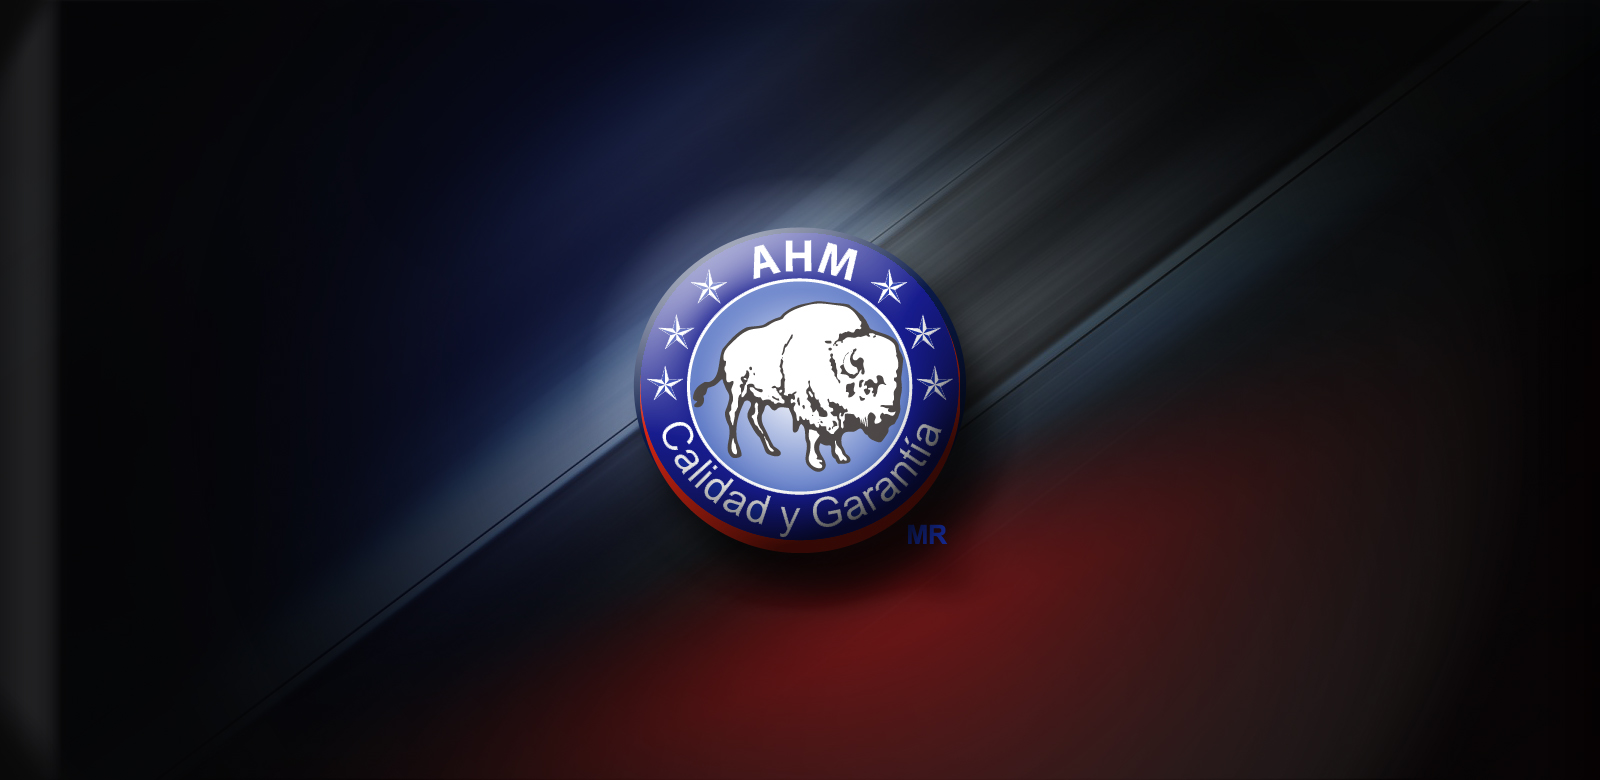 AHM 2.0